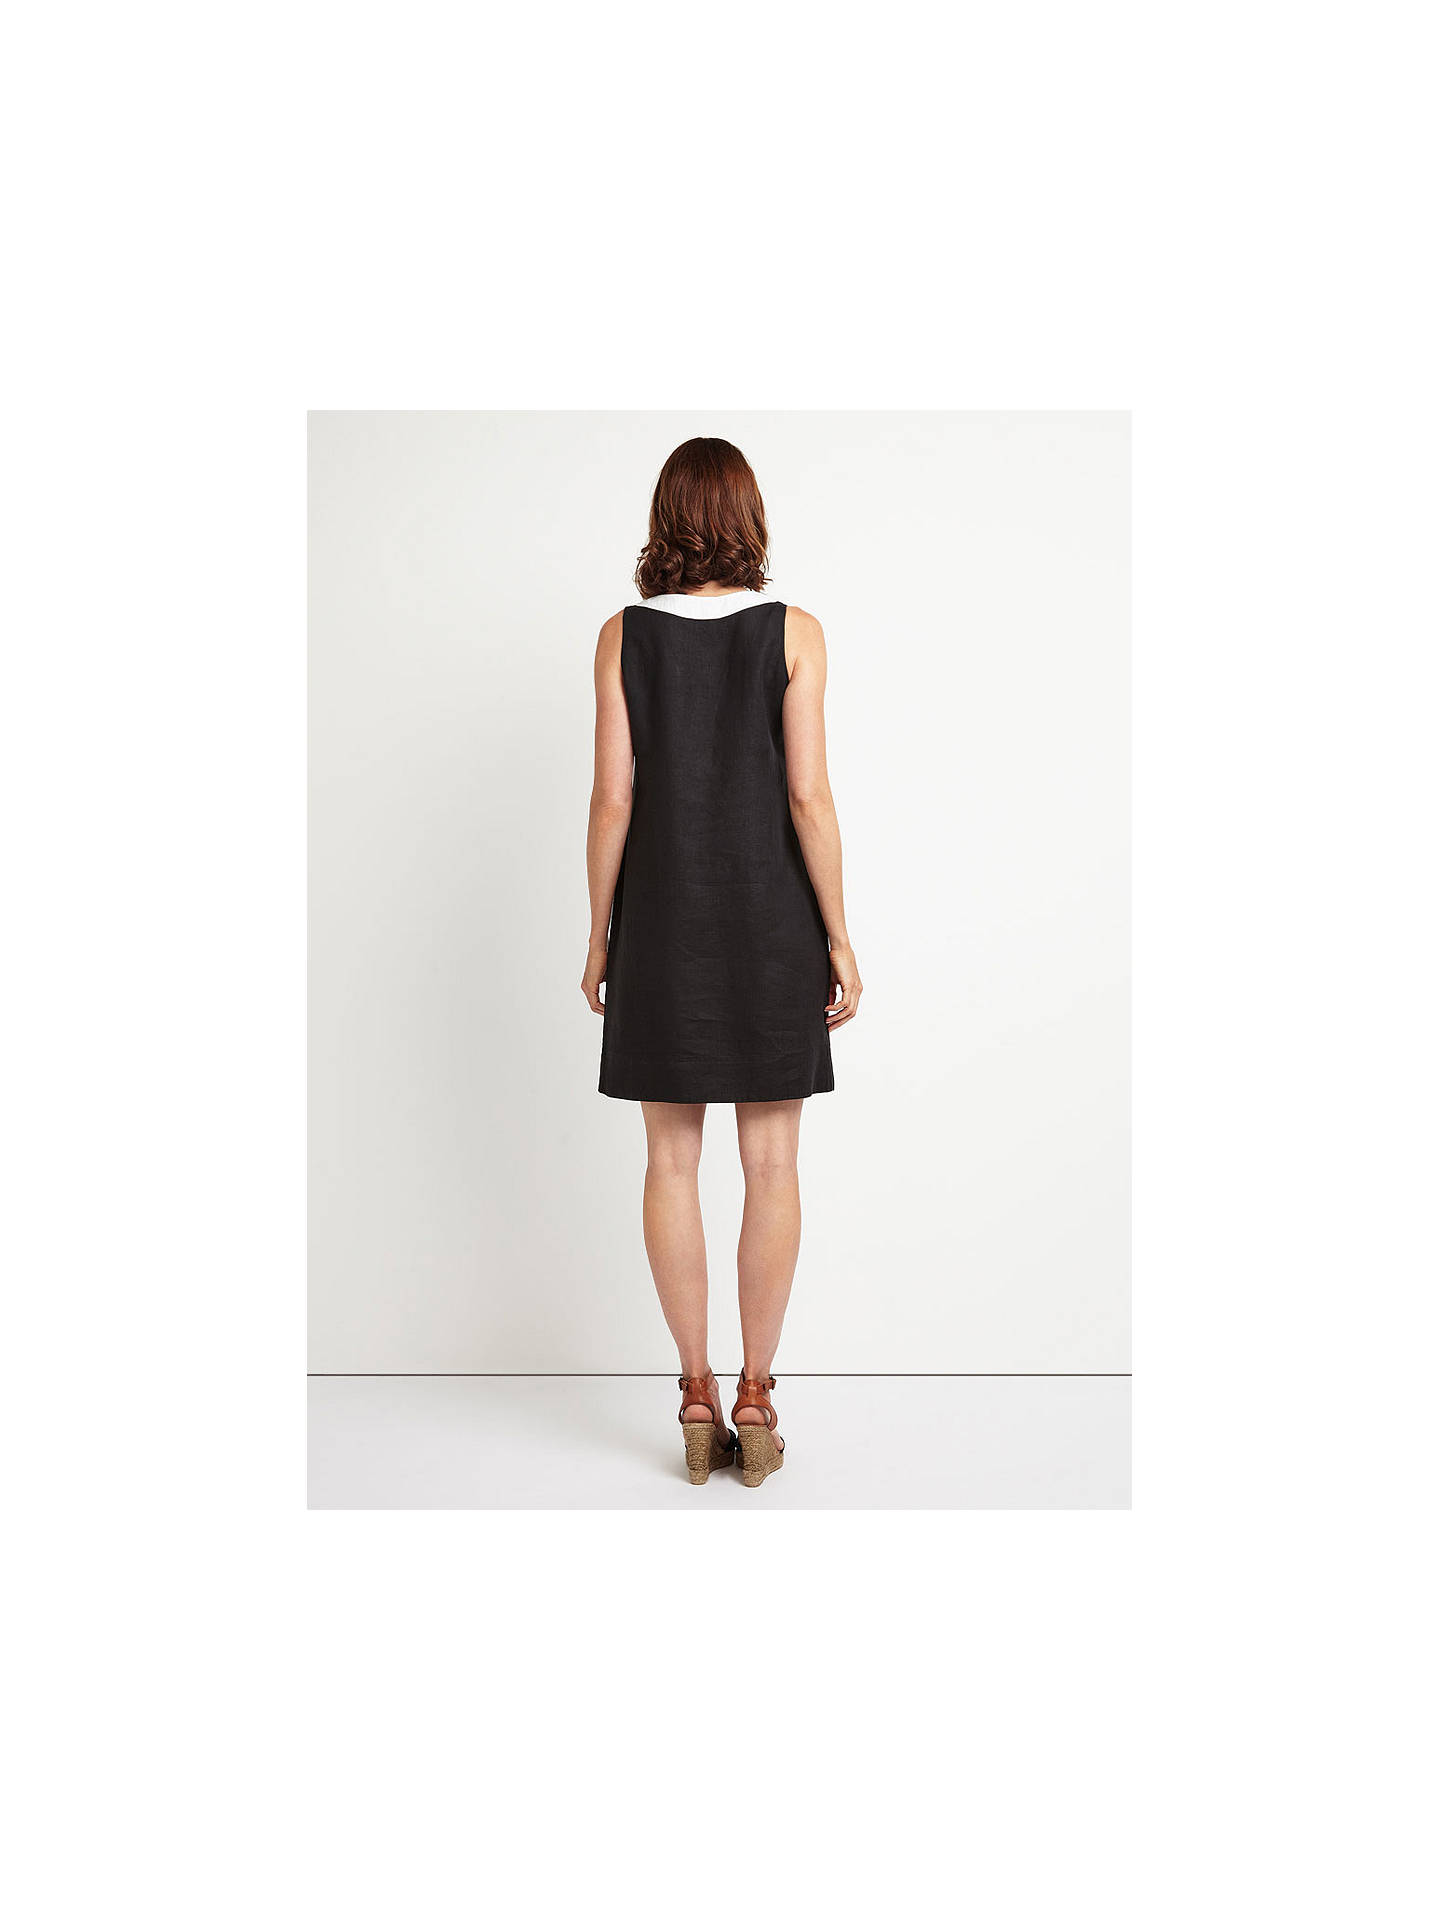 b4da7024e5 Buy East Linen Notch Neck Dress